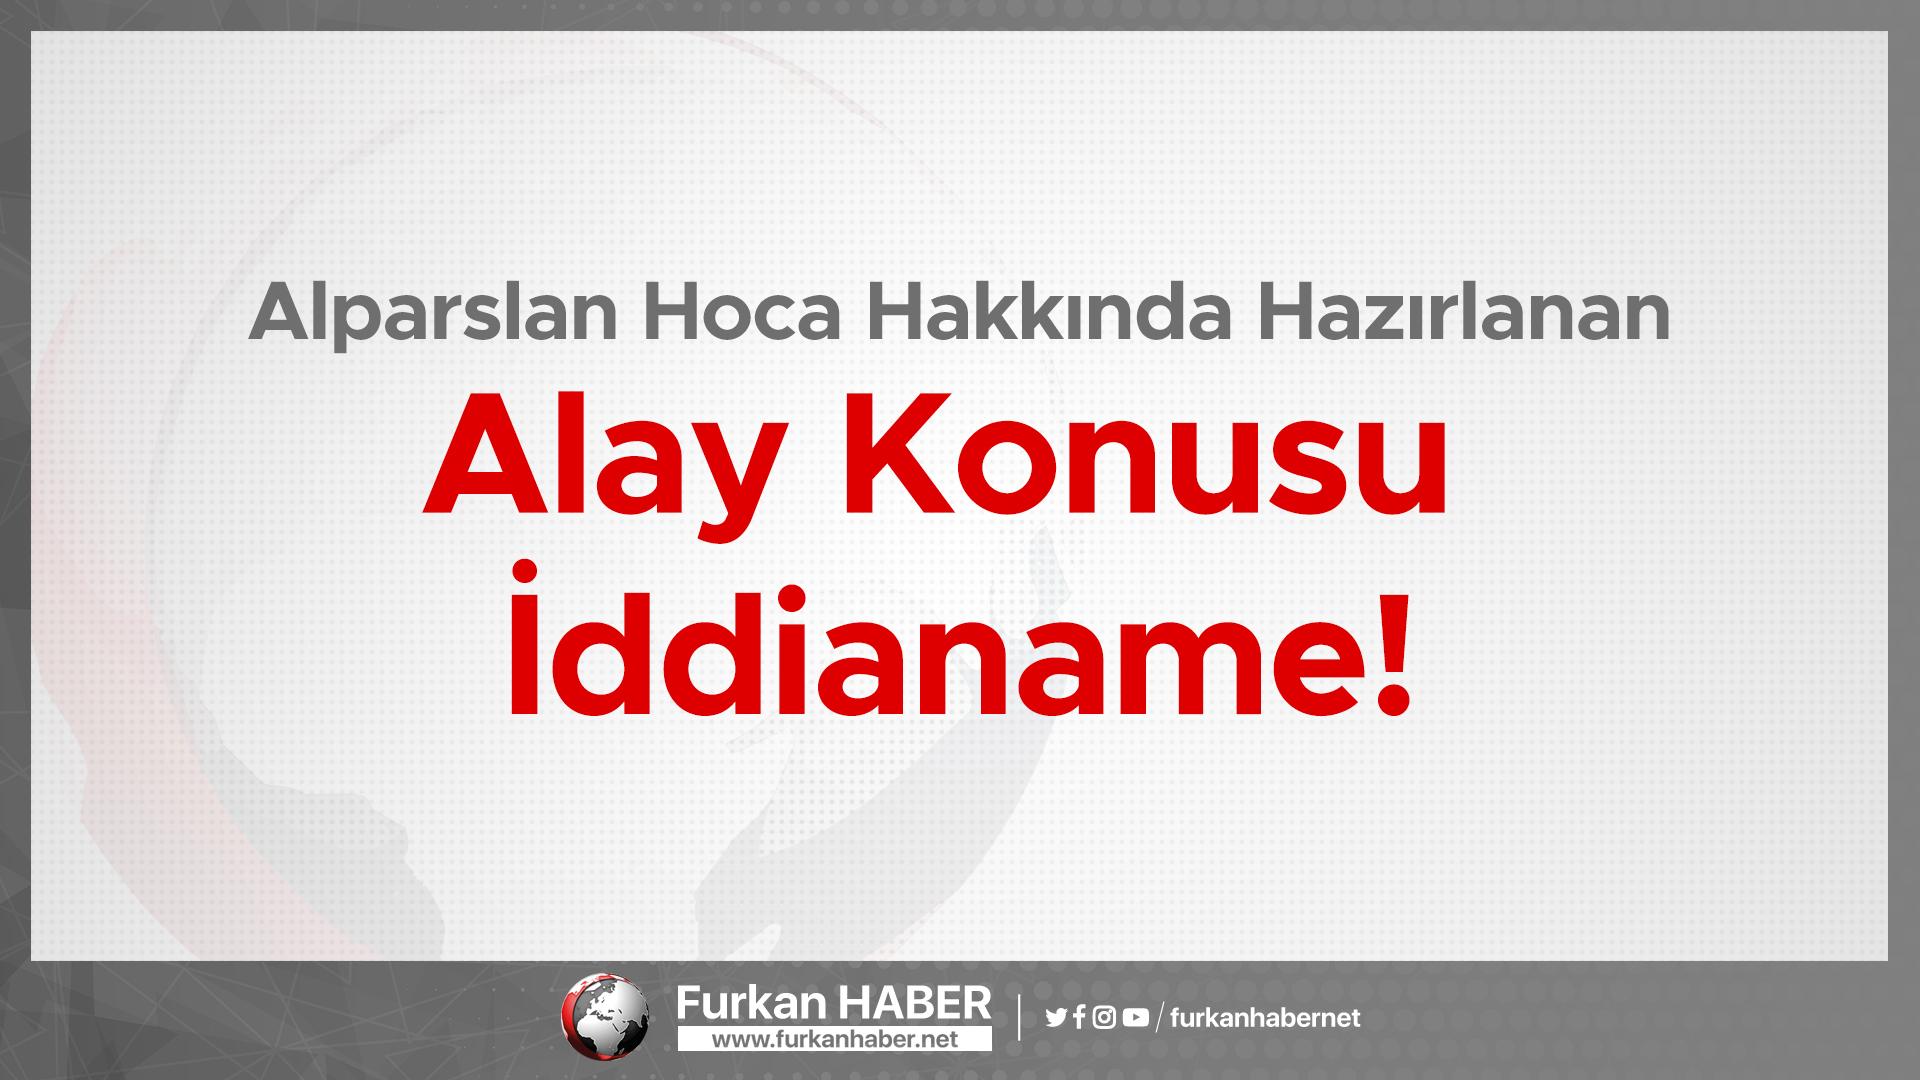 Alparslan Hoca Hakkında Hazırlanan Alay Konusu İddianame!